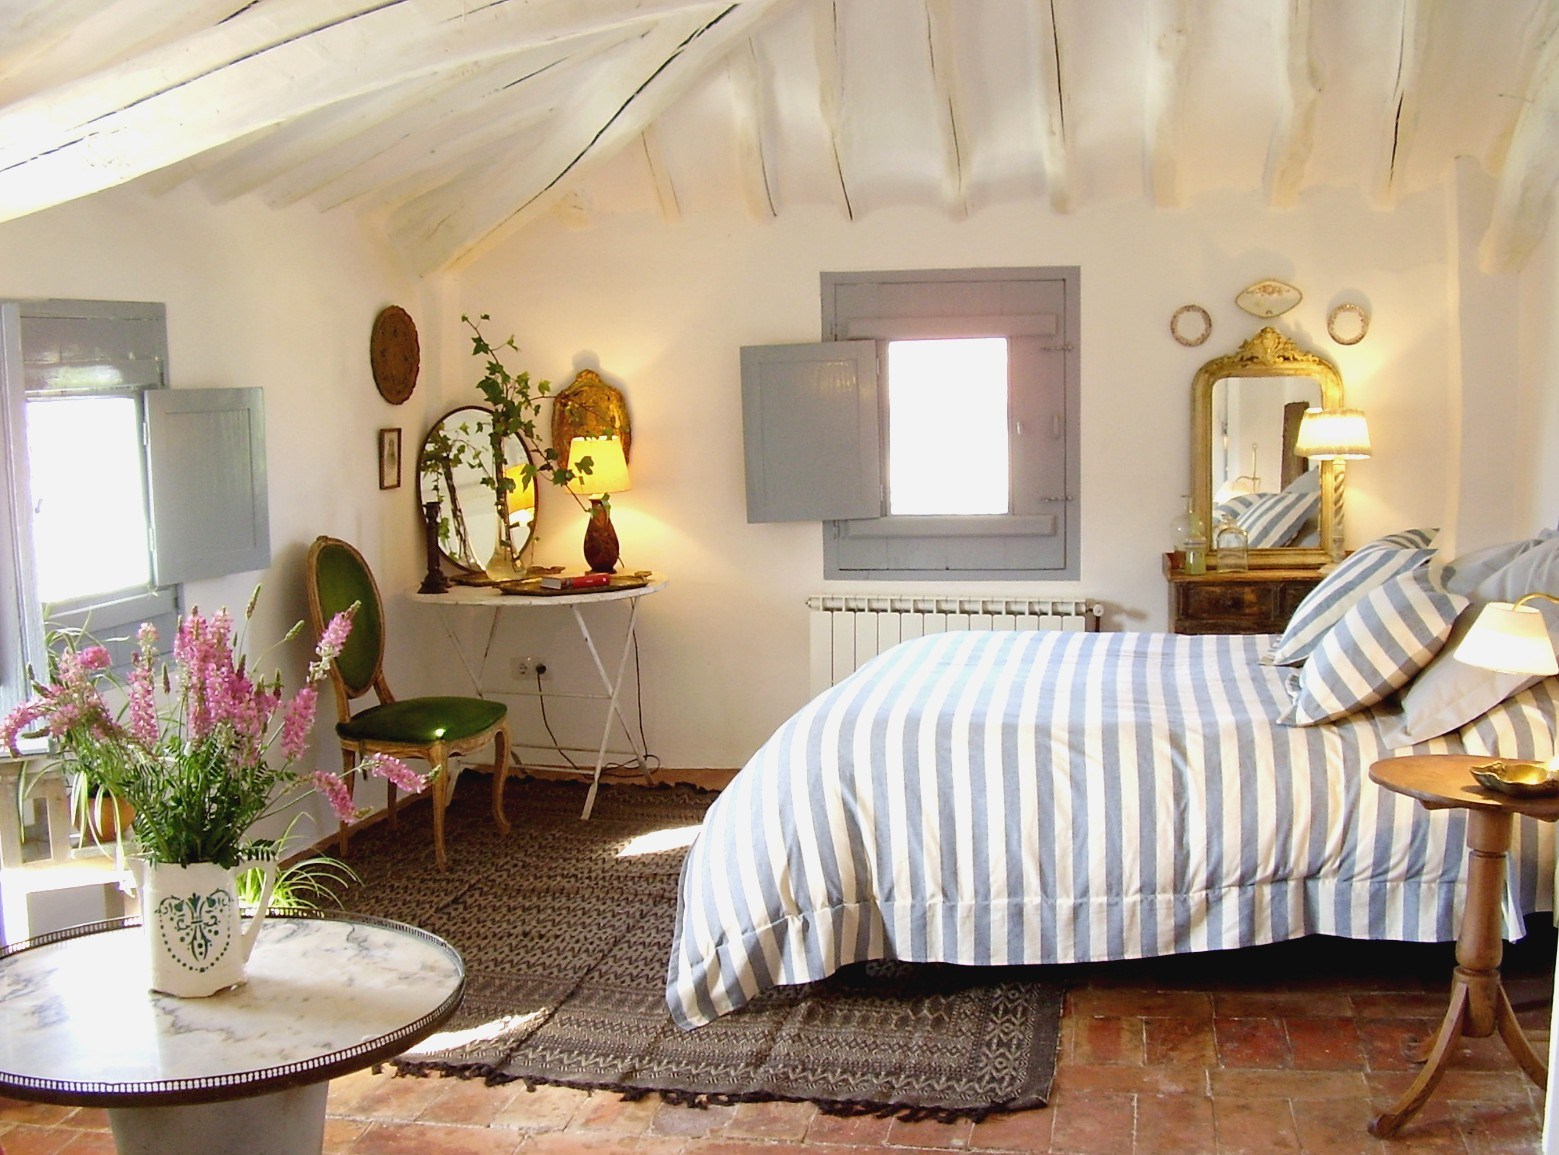 Vicky 39 s home una casa rural con encanto a charming - Casas decoradas con encanto ...